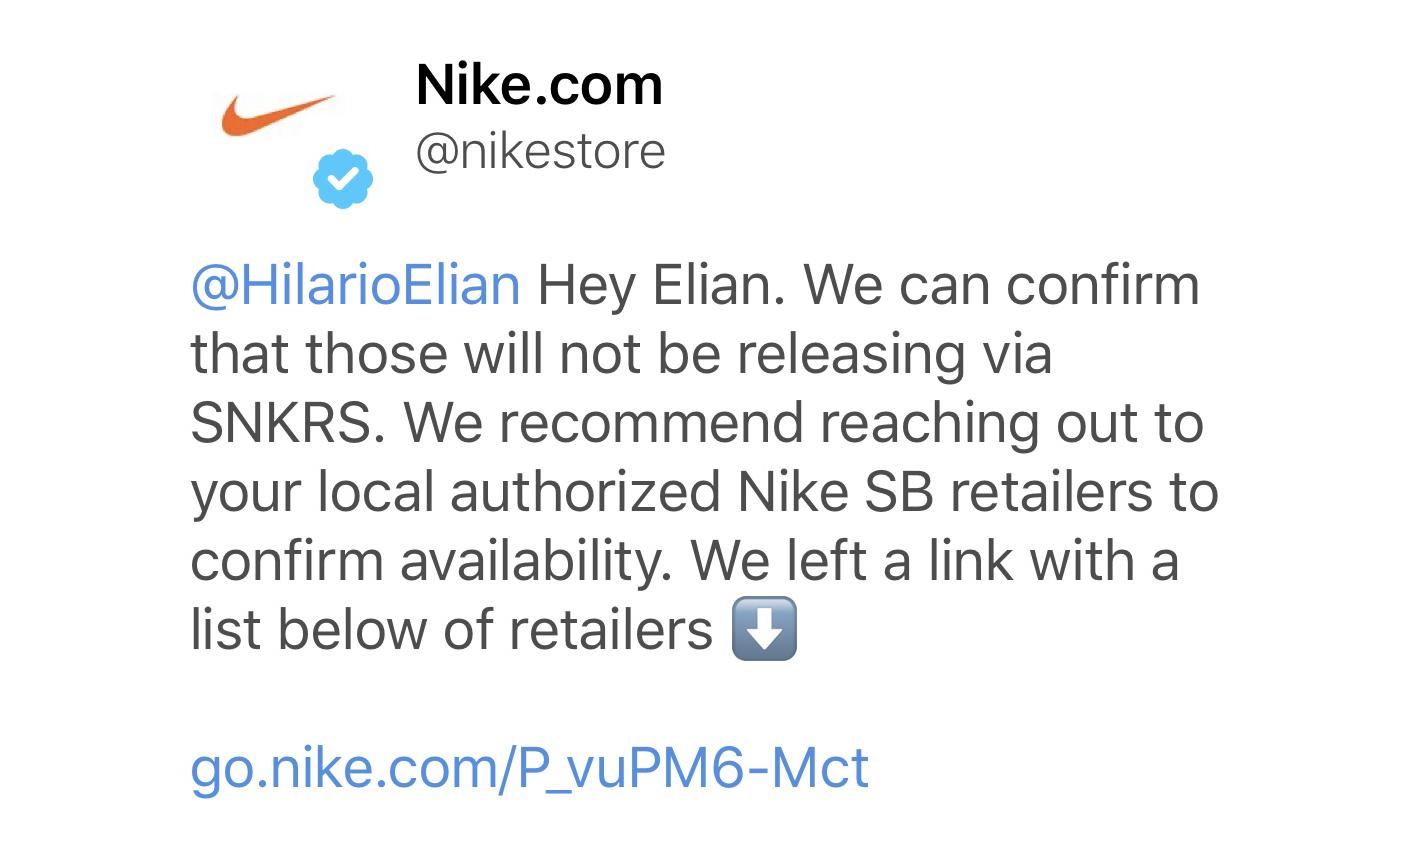 官方确认,Travis Scott x Nike SB Dunk Low 将不会通过 SNKRS APP 发售